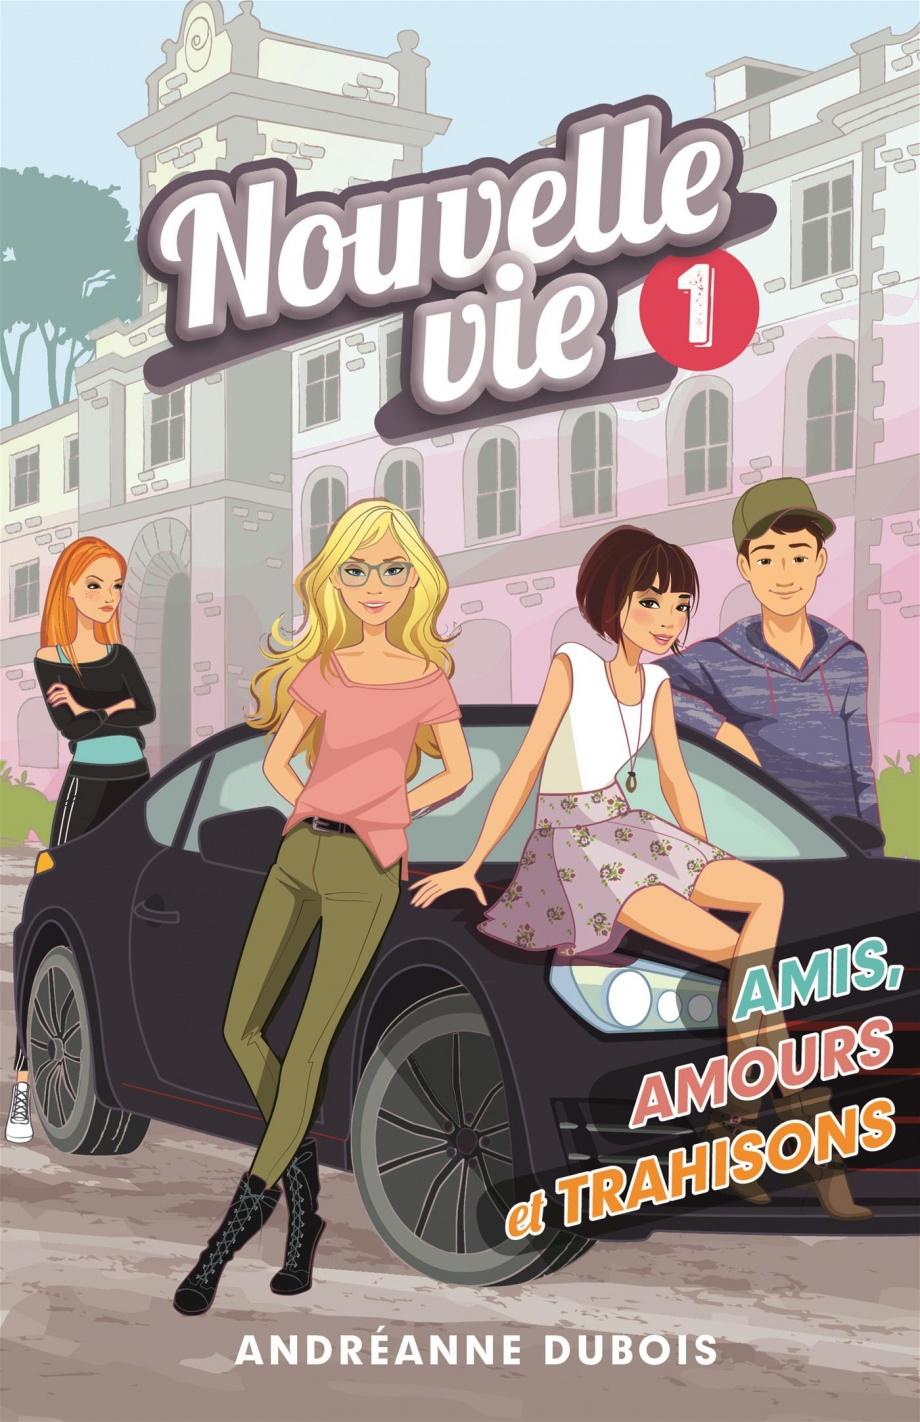 Nouvelle vie T.1- Amis, amours et trahisons, d'Andréanne Dubois, Éditions La Bagnole